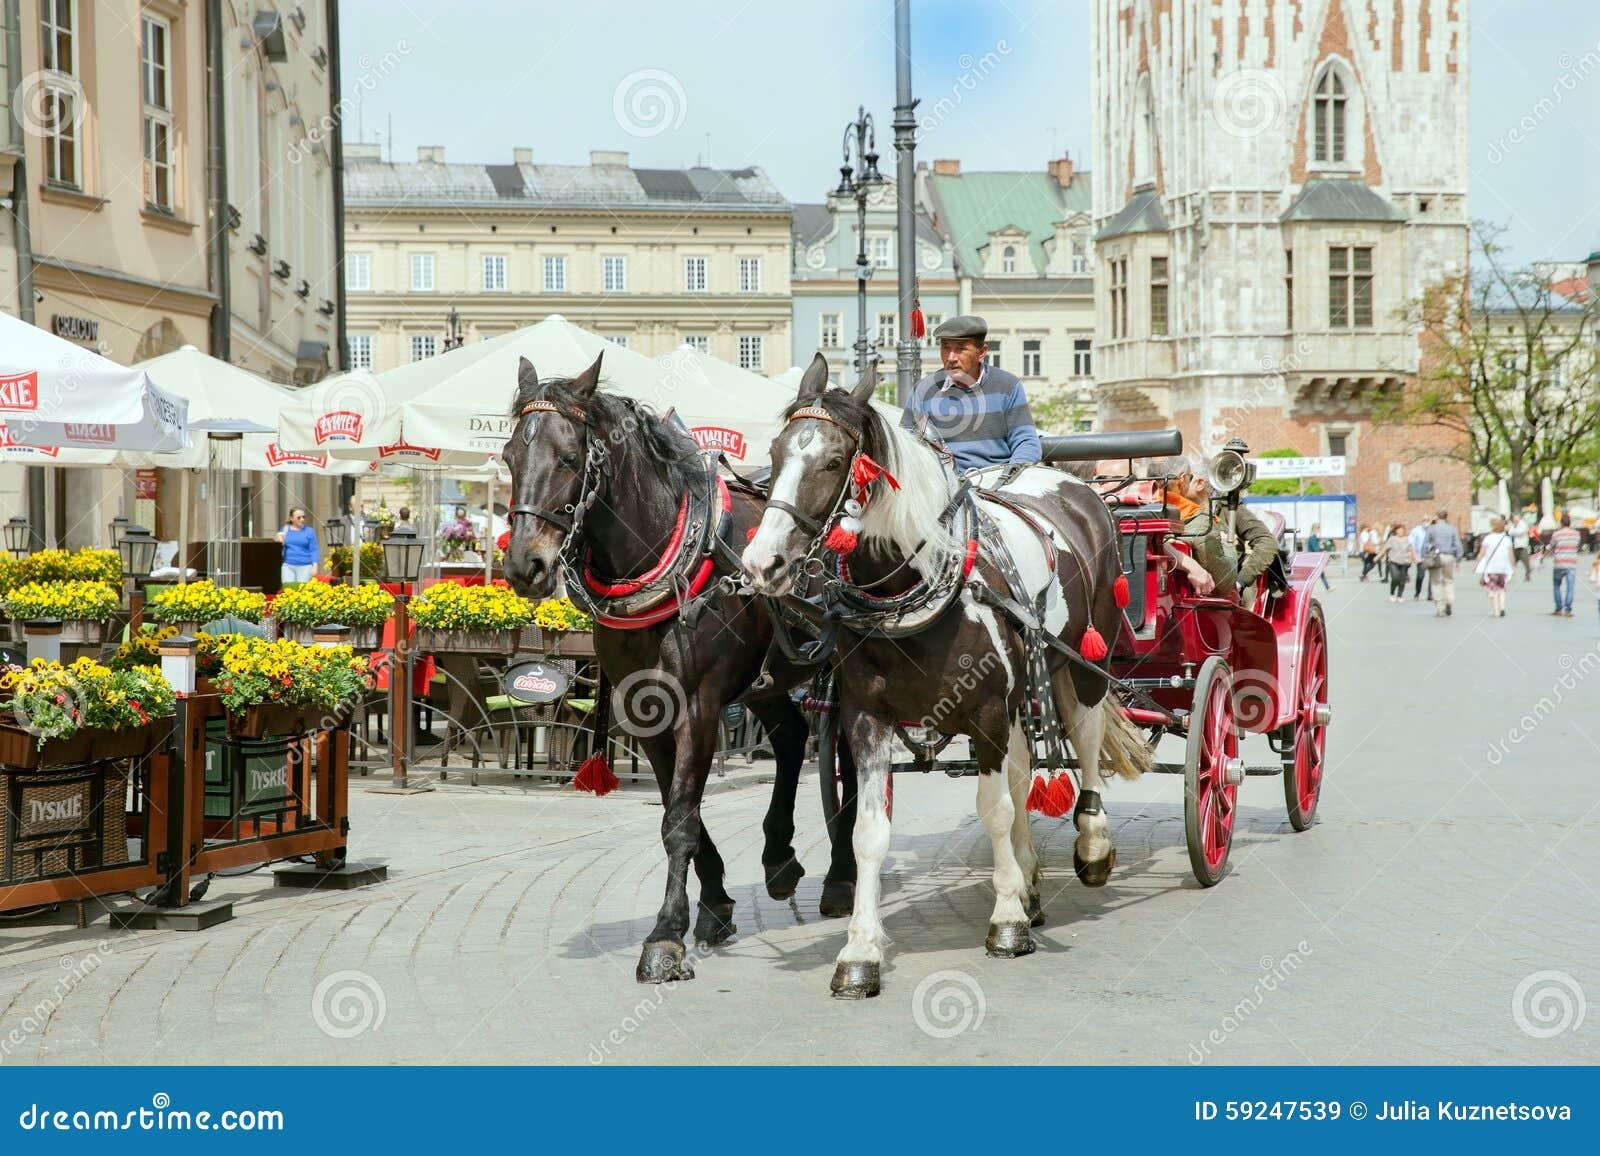 El grupo de turistas tiene excurtion en el carro de los caballos en la parte histórica de Kraków